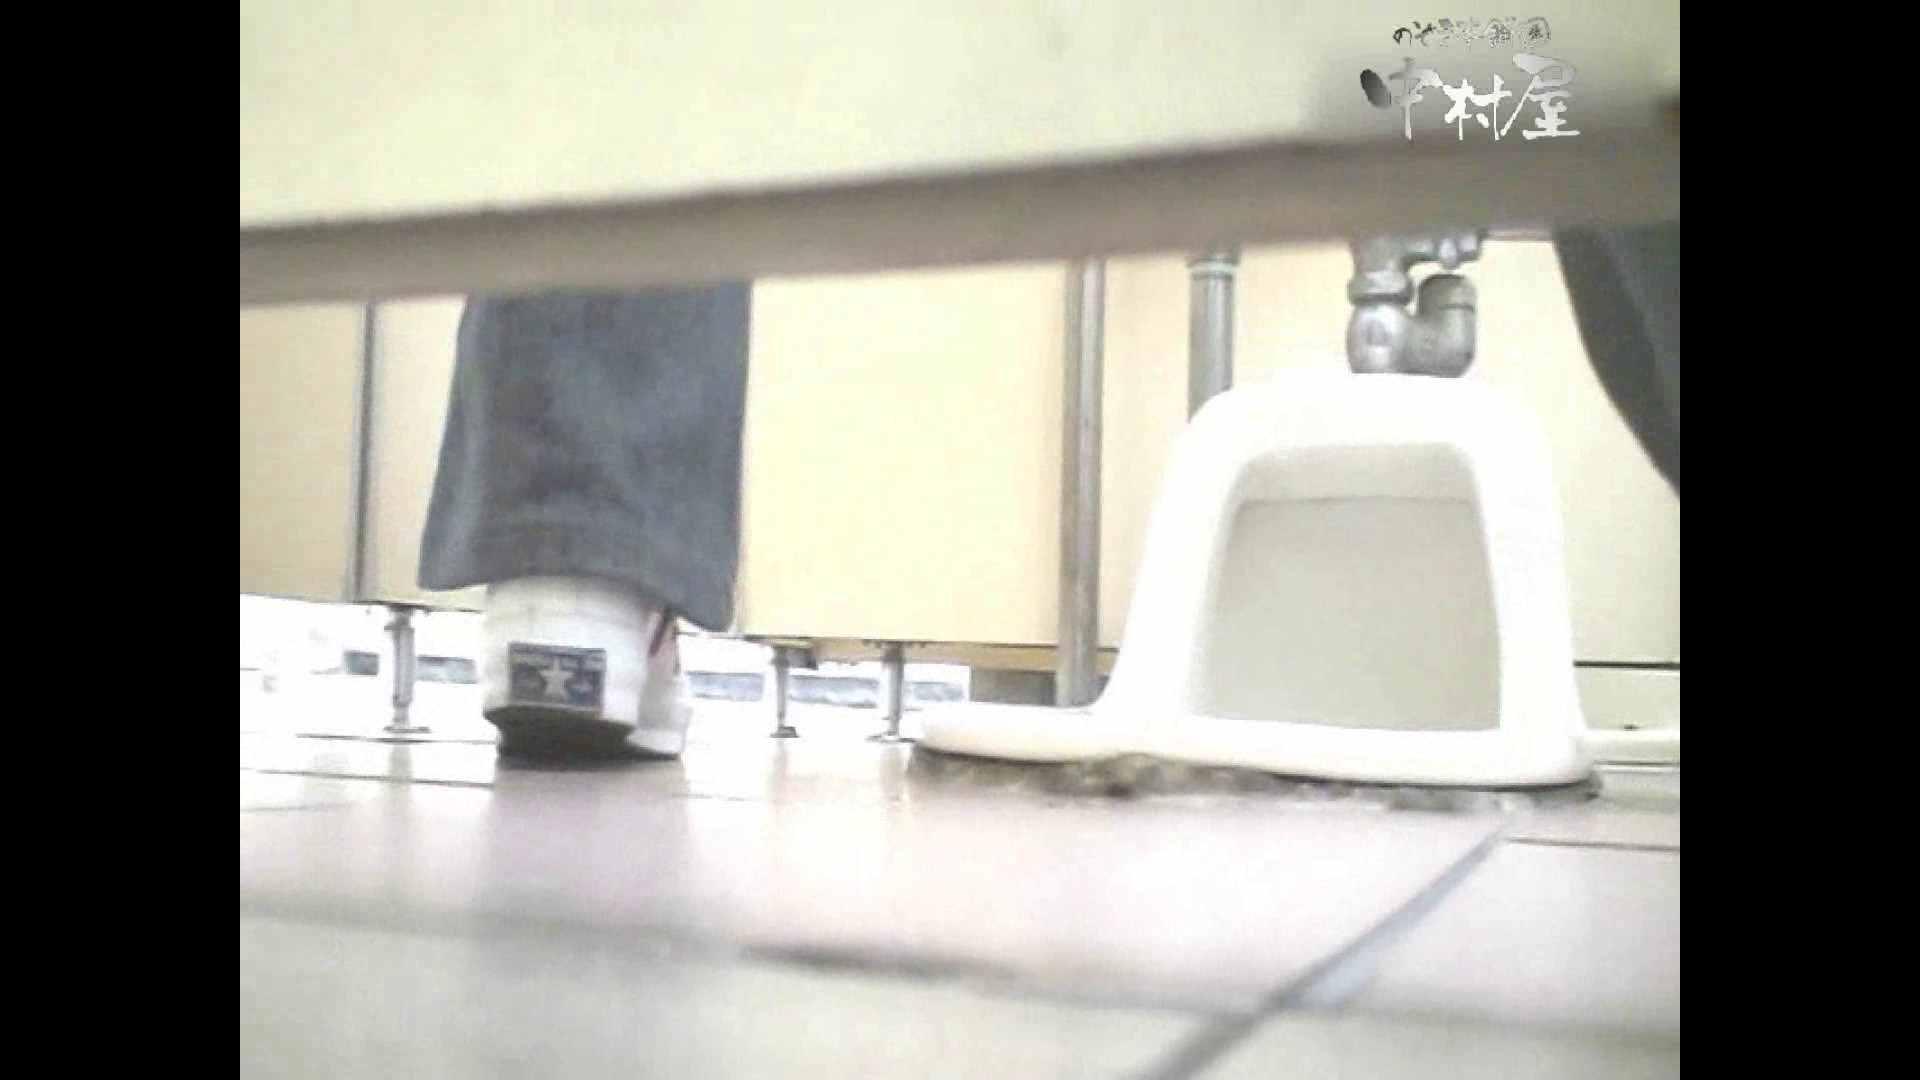 岩手県在住盗撮師盗撮記録vol.28 オマンコ全開です 濡れ場動画紹介 42枚